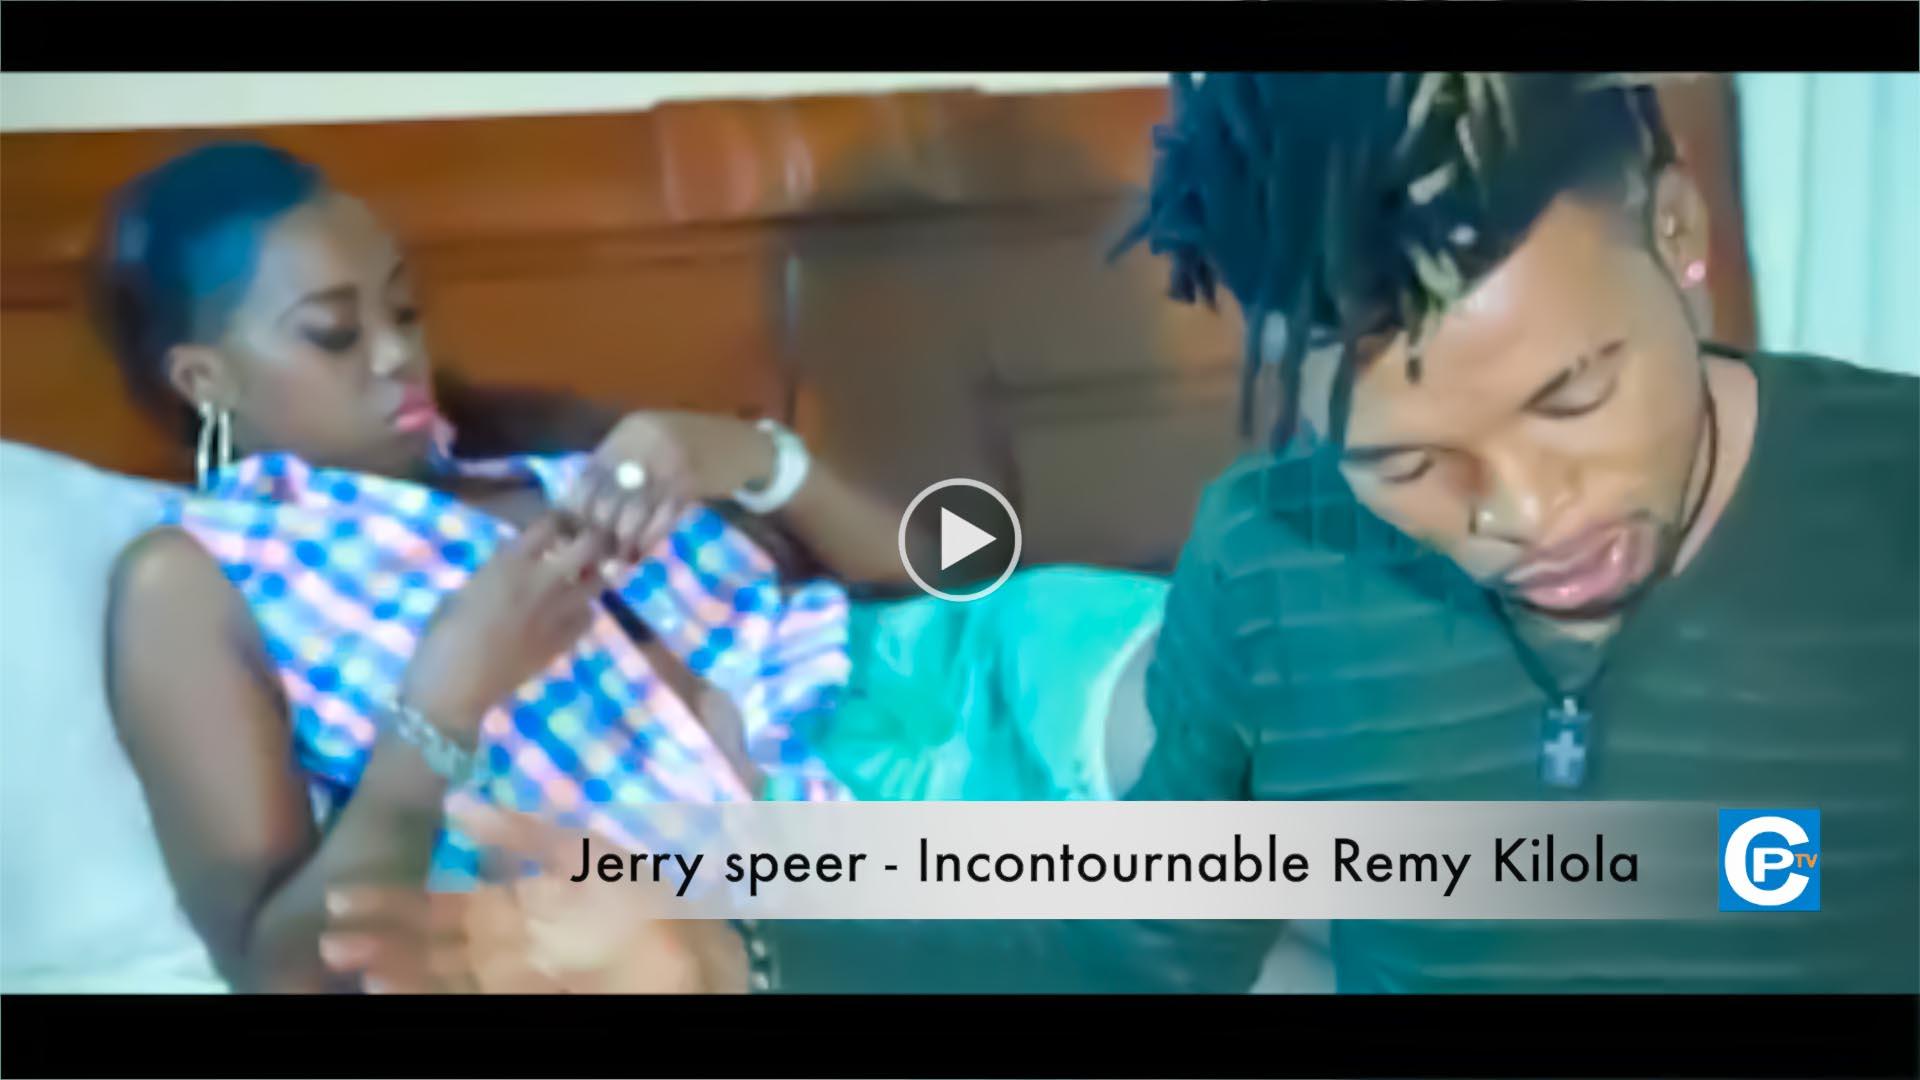 jerry speer Ex. chanteur chez Dakumuda dans un Roumba  Incontournable Remy Kilola copy